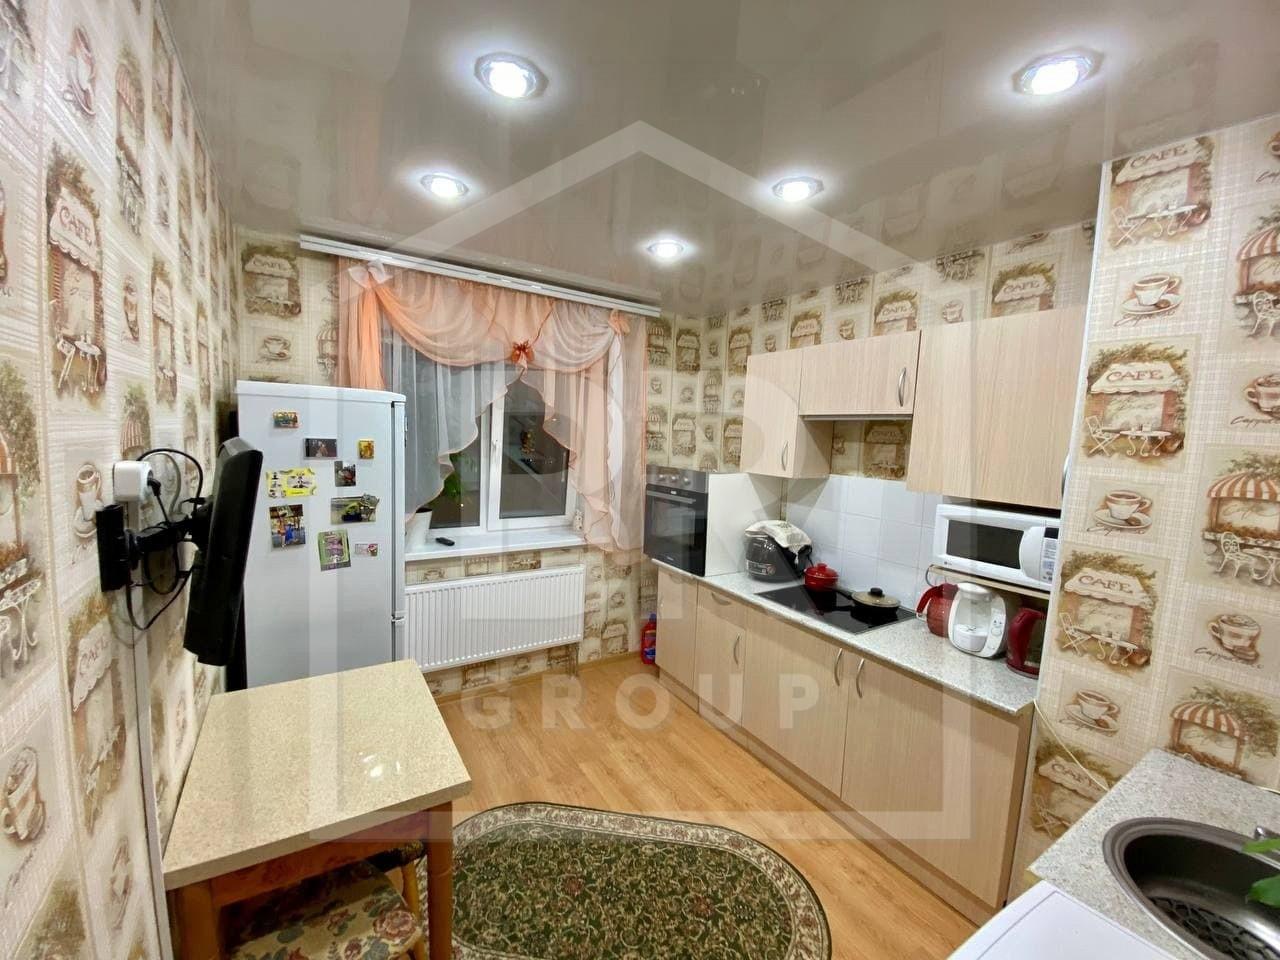 Продажа 1-комнатной квартиры, Кудрово, Европейский проспект,  14